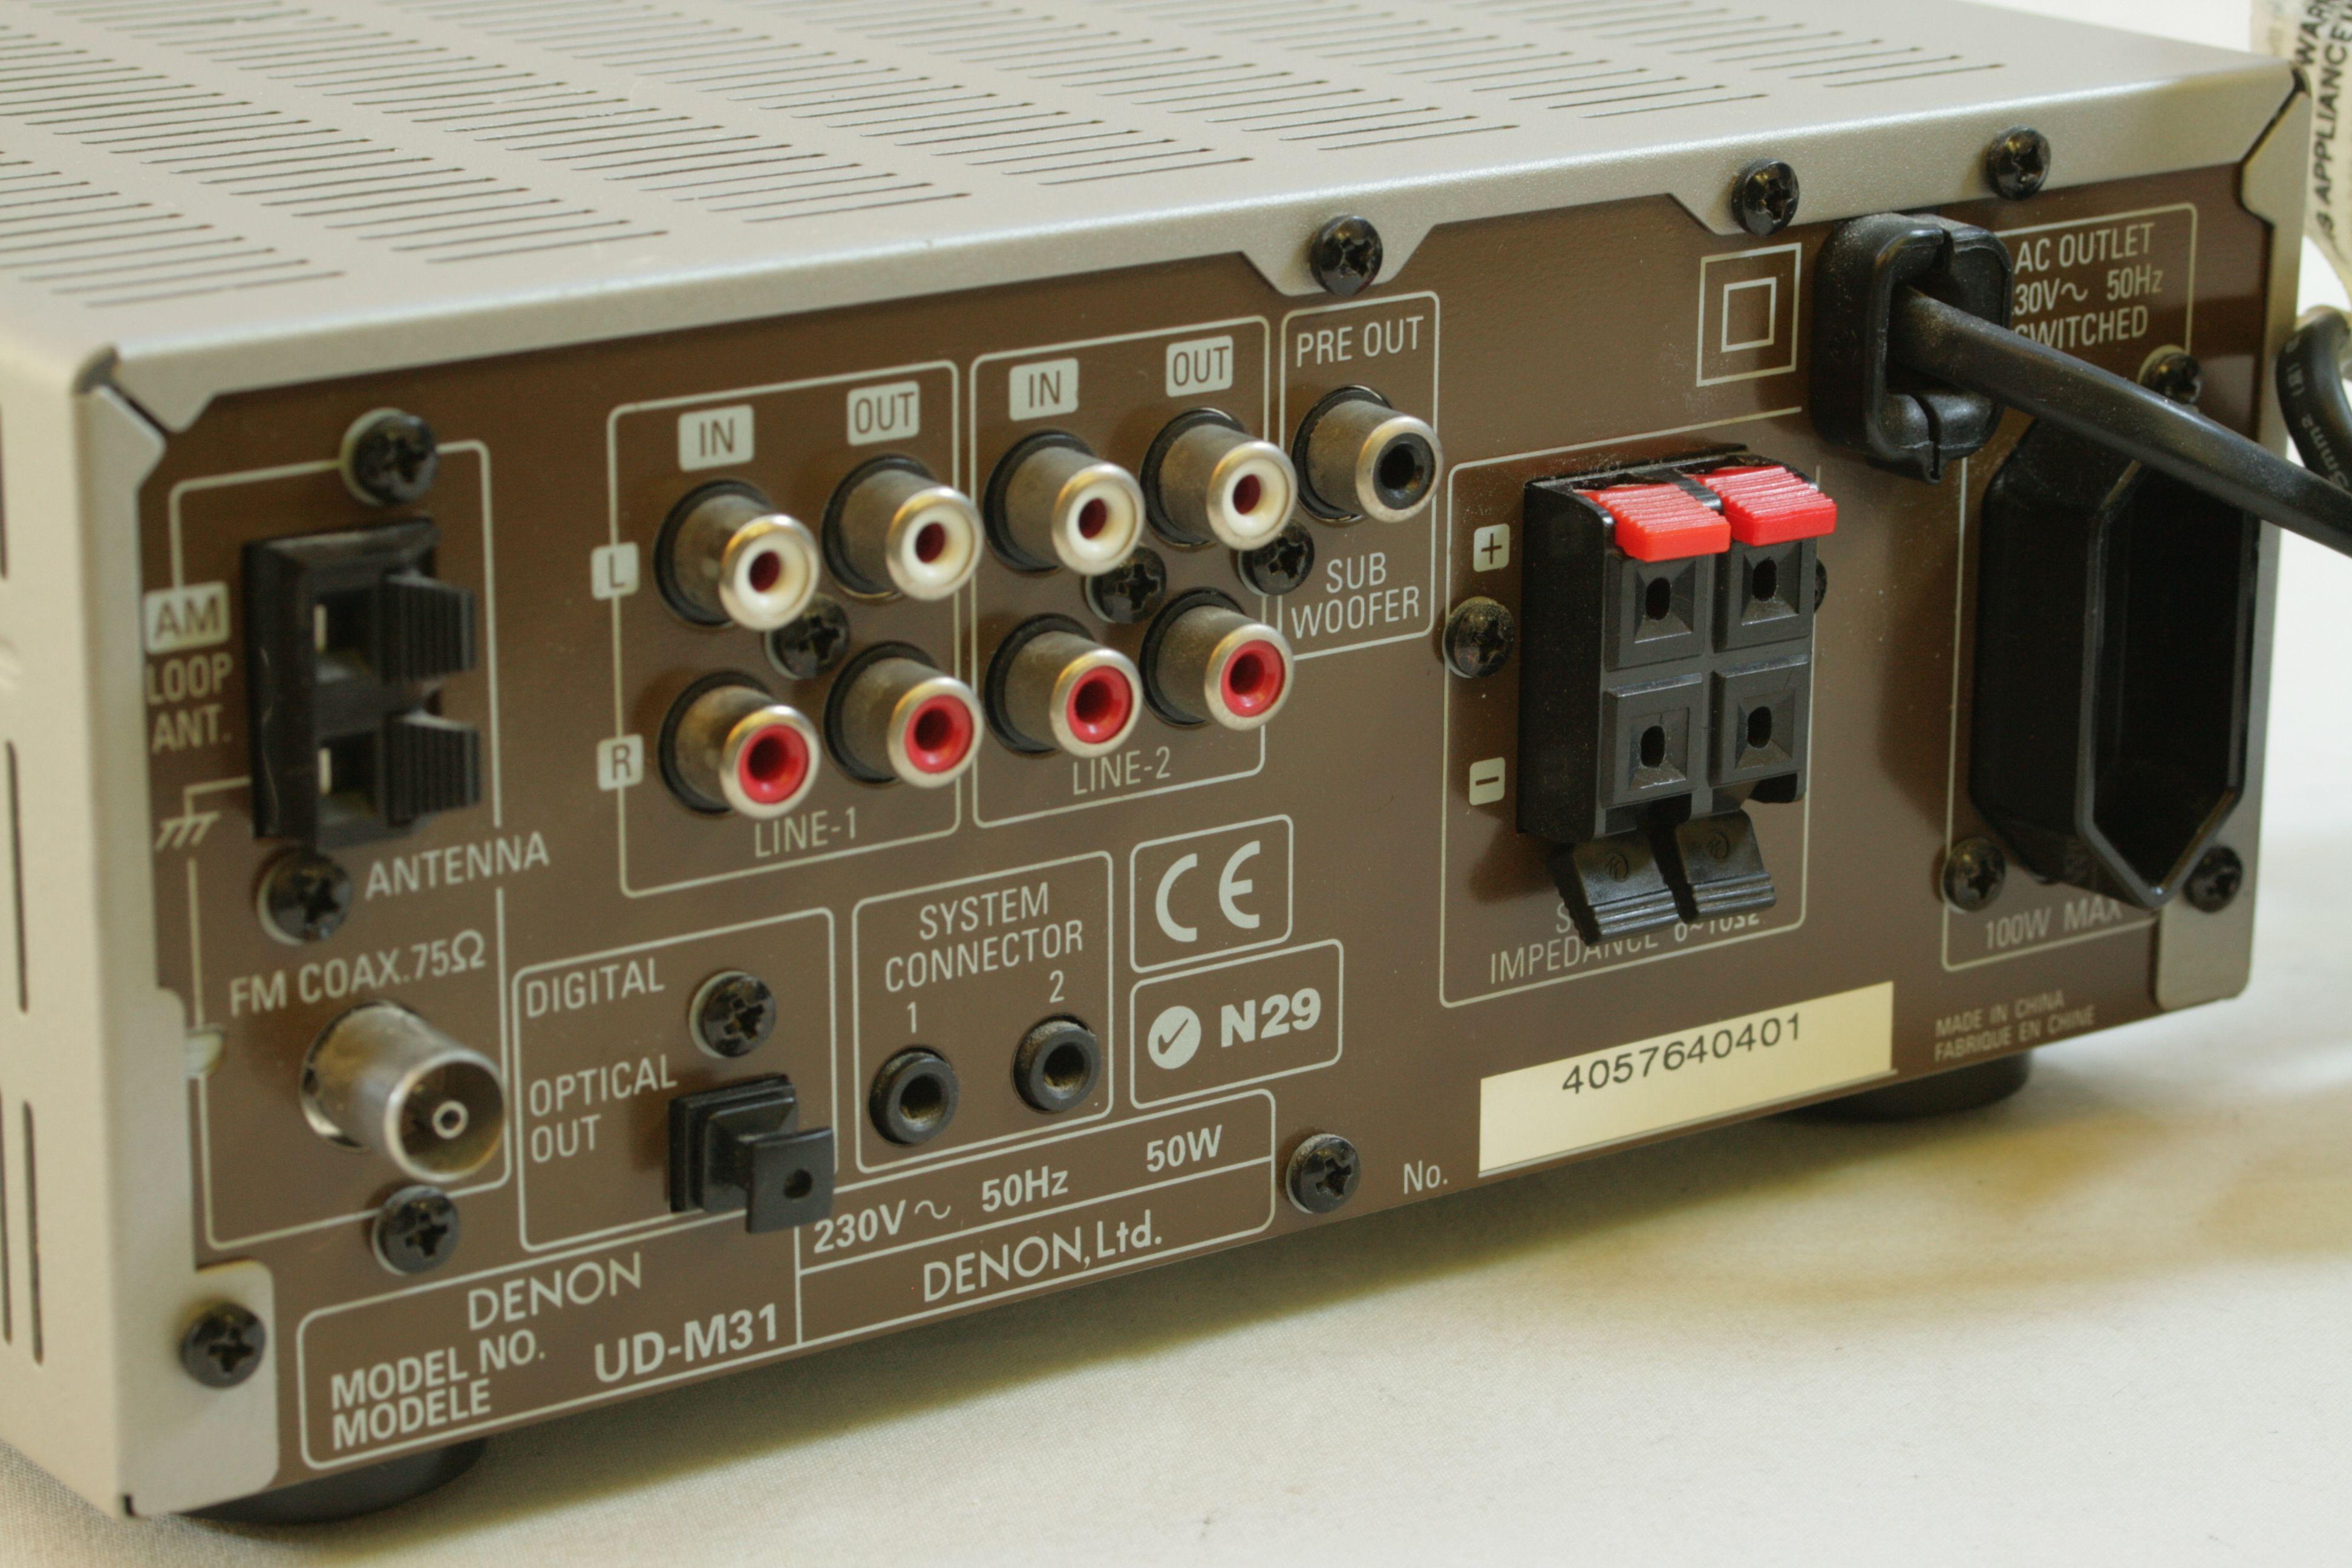 denon ud m31 mini shelf cd receiver player system with remote control rh arhc callcut net Whirlpool Galaxy Whirlpool Galaxy